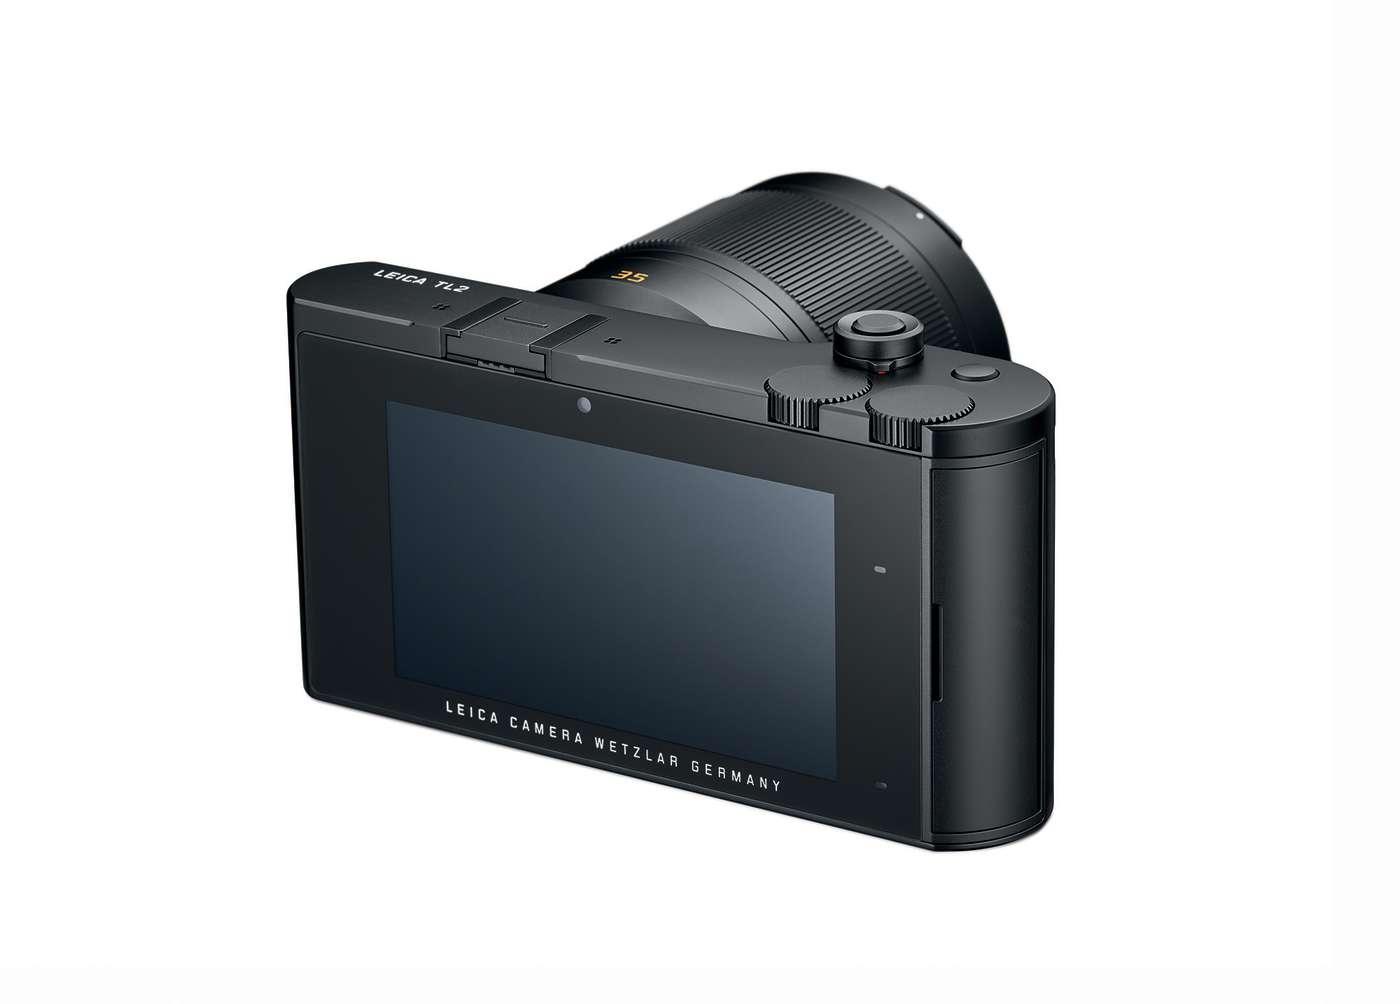 Leica TL2, большой 3.7-дюймовый сенсорный экран, вид сзади